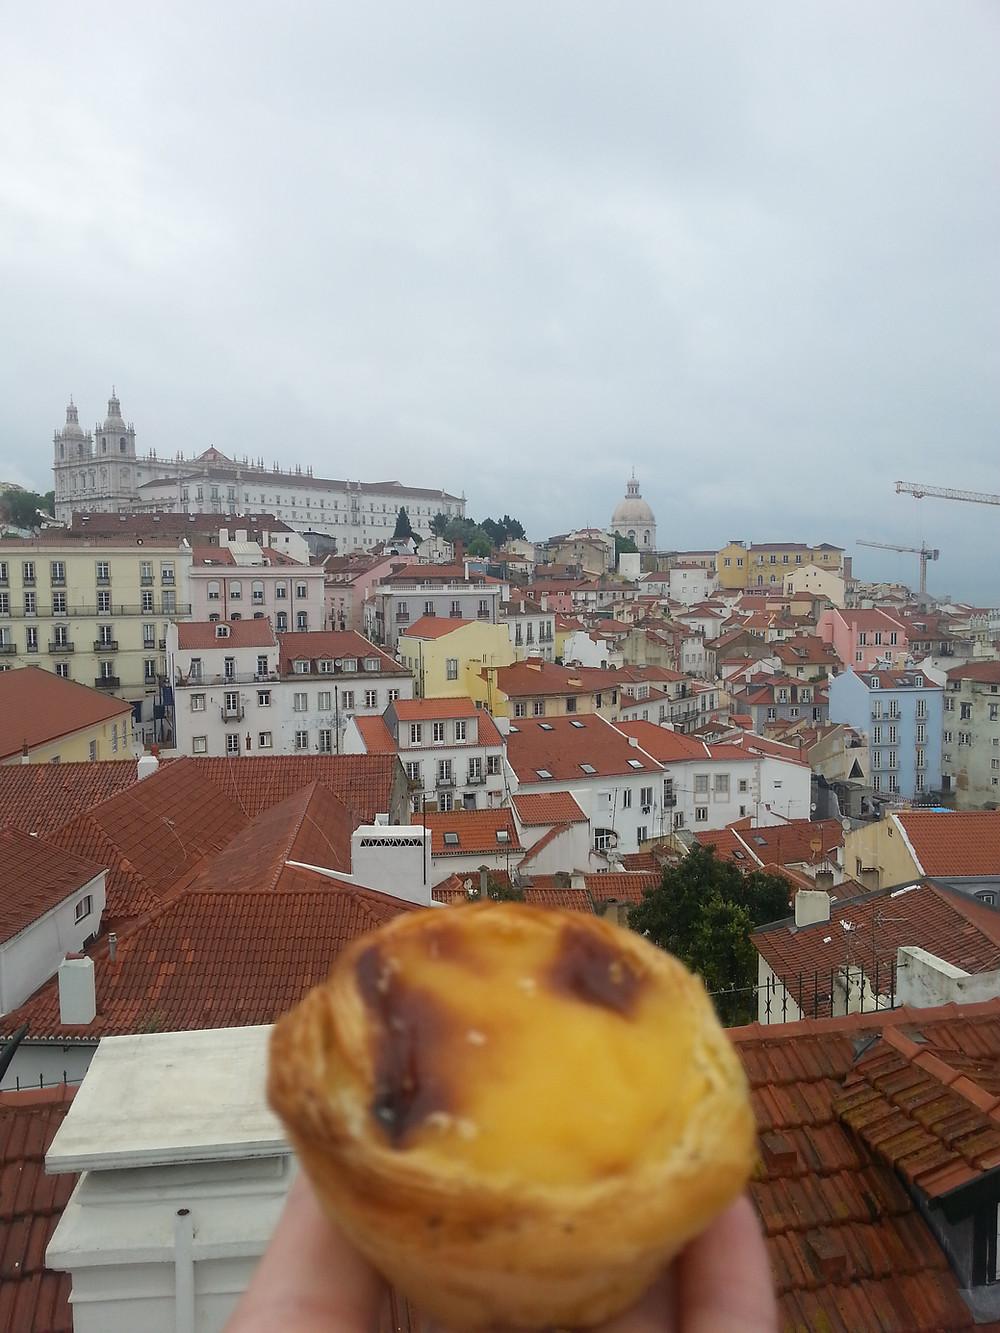 Pastel de Nata in Lissabon